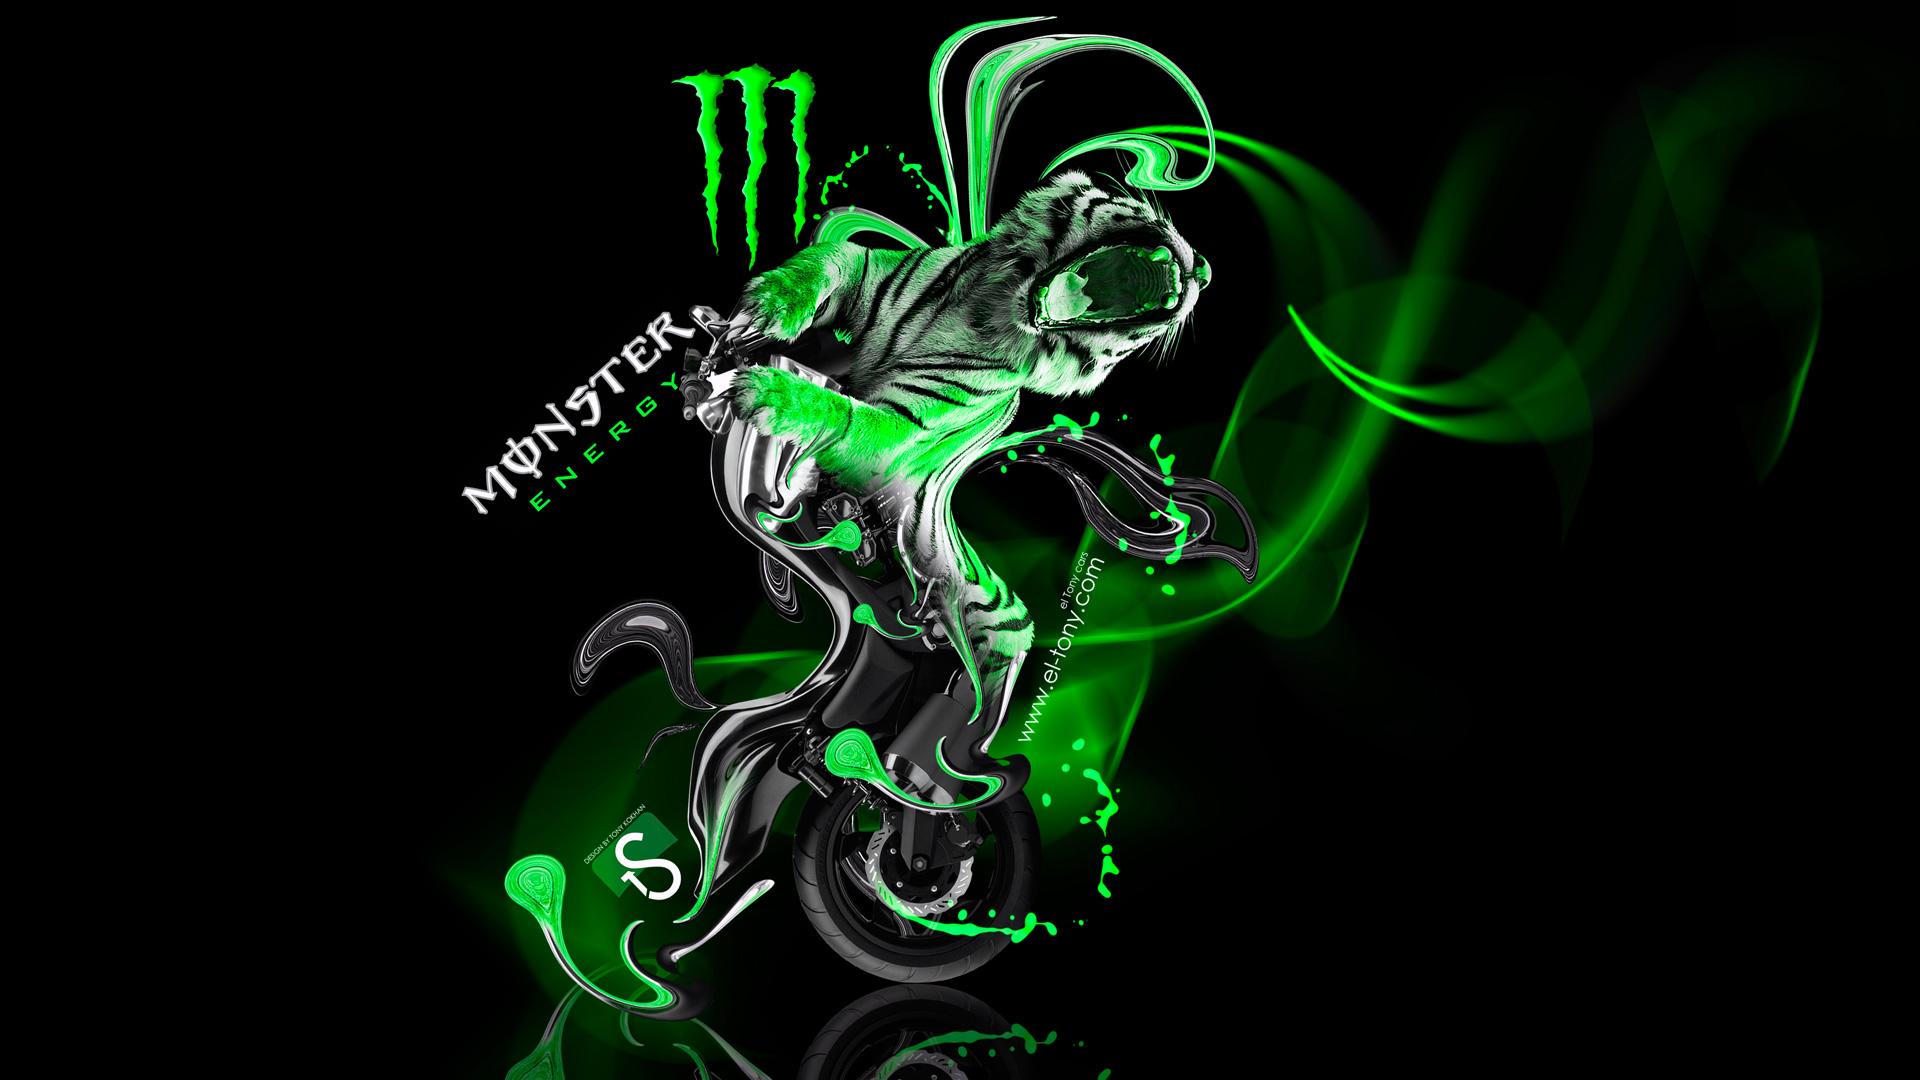 Monster Energy Green Fantasy Wallpaper Desktop 20860 Wallpaper 1920x1080